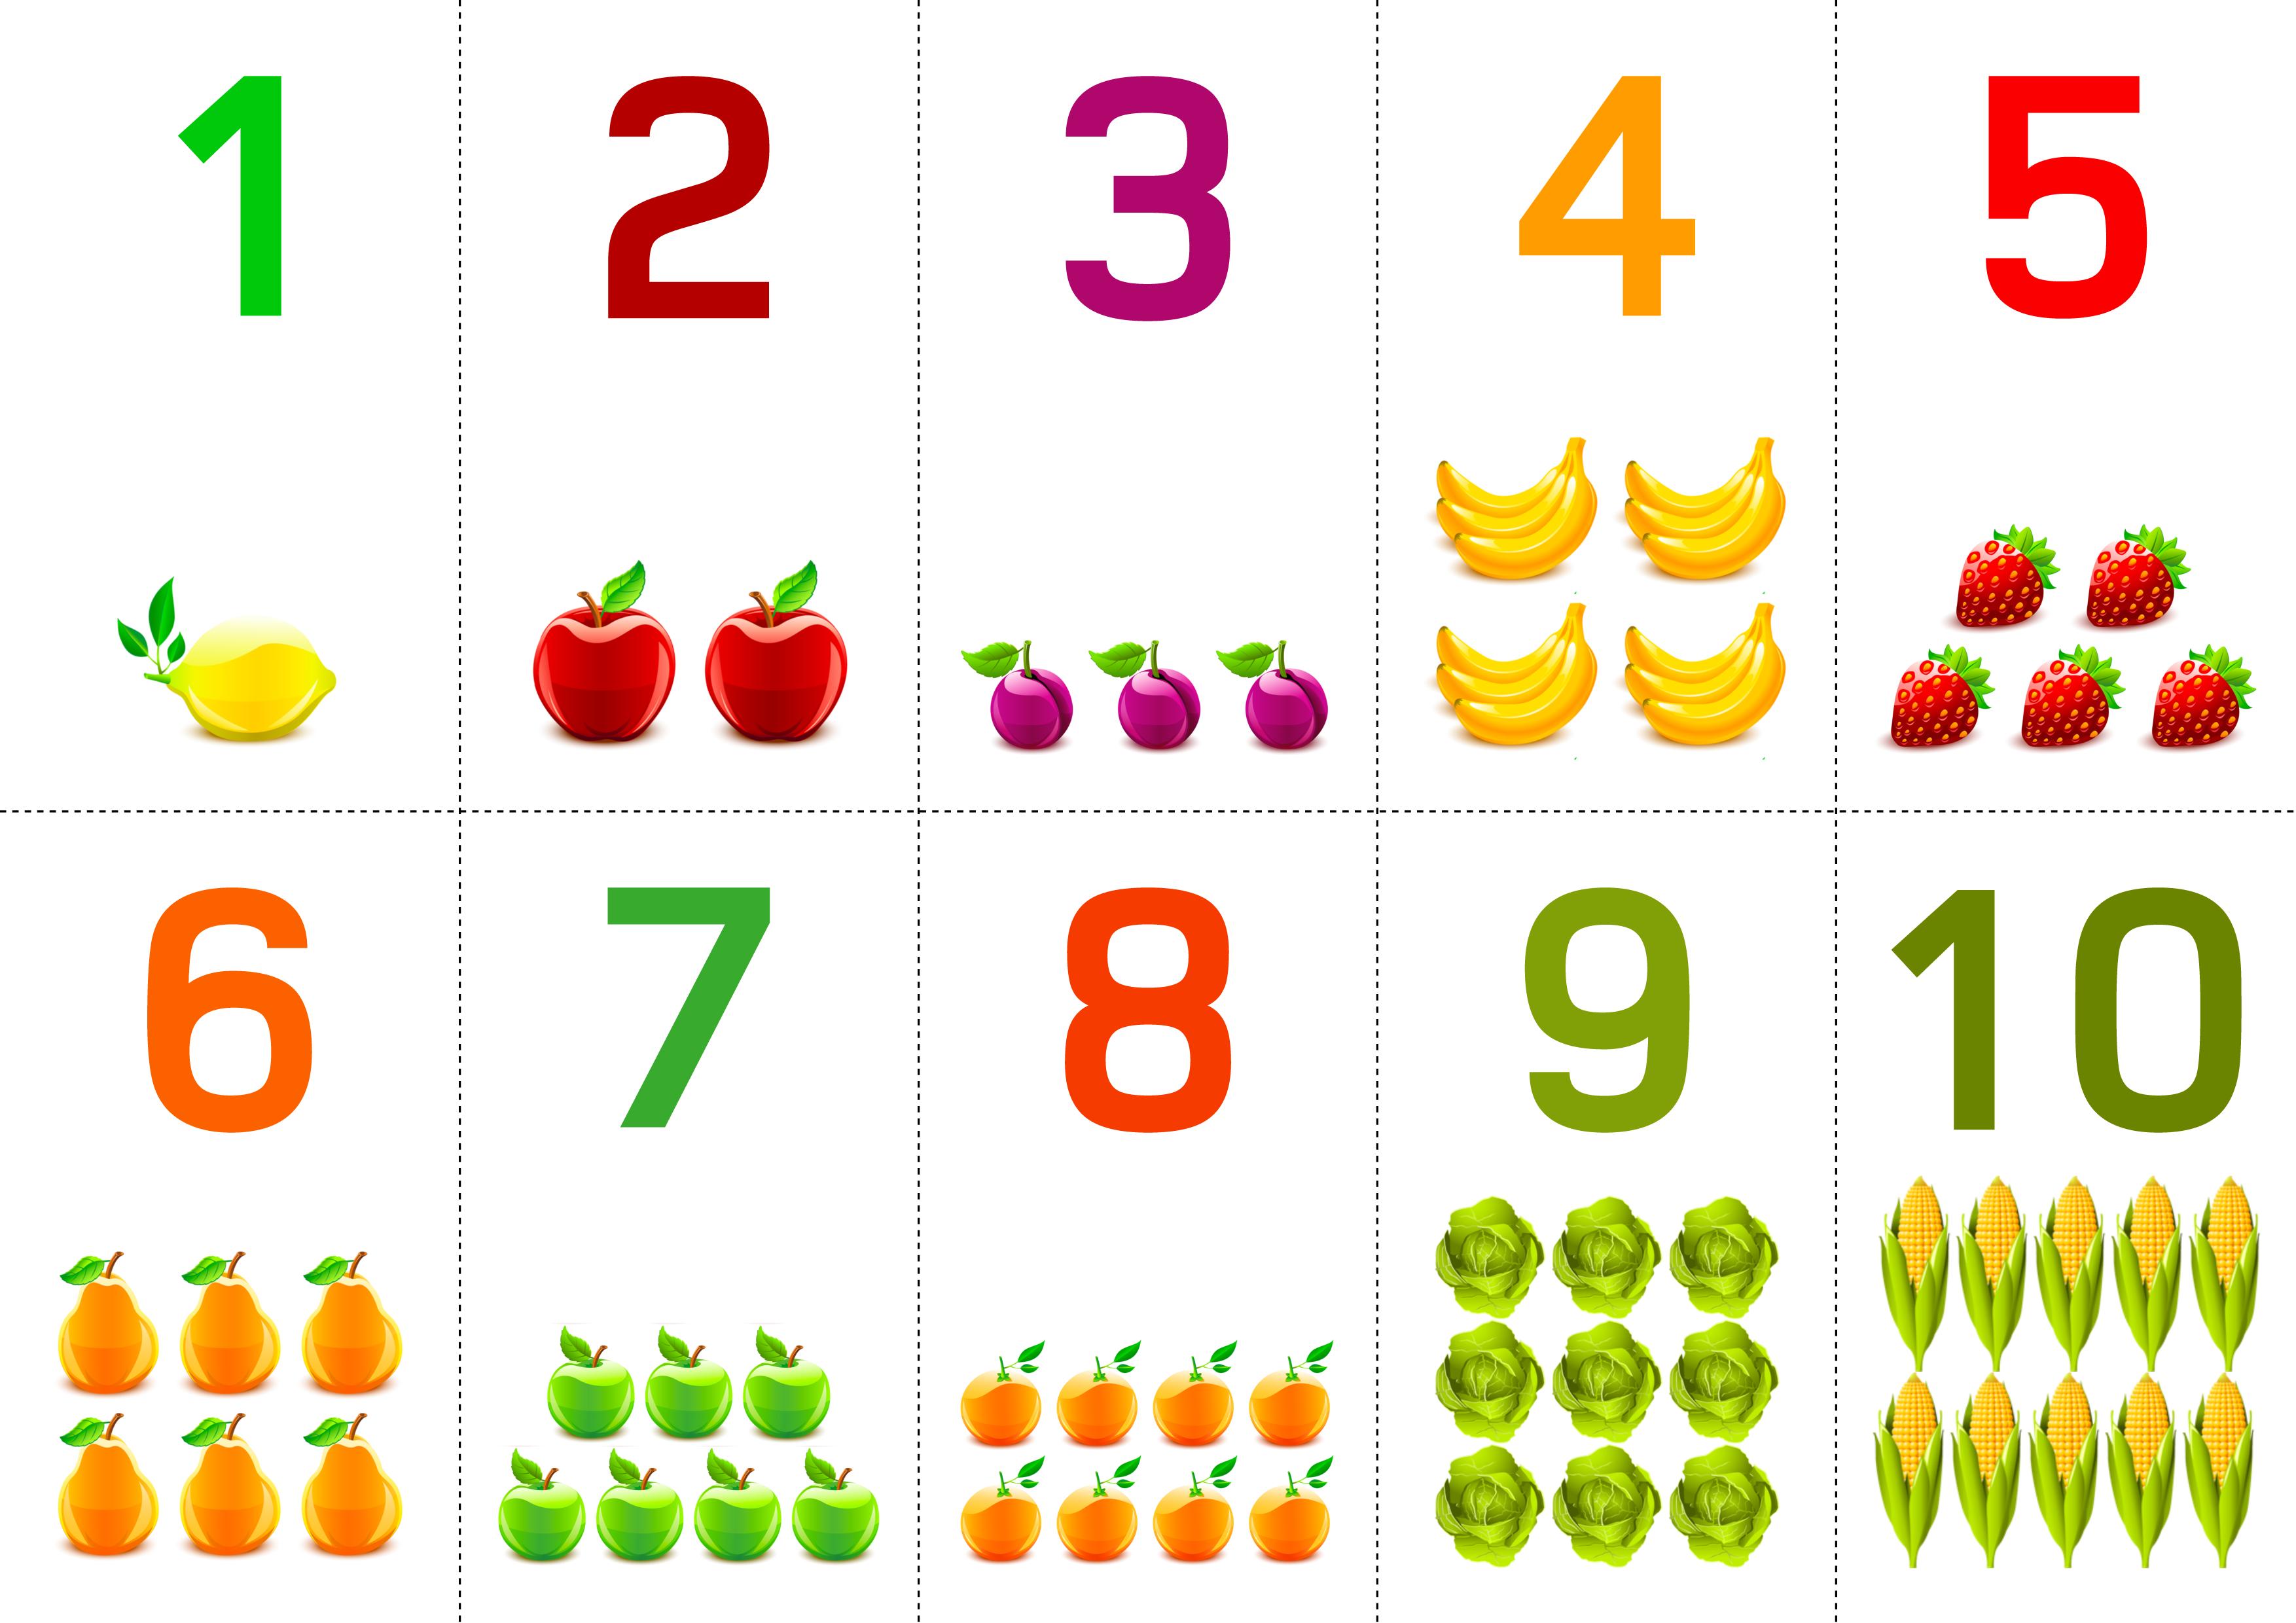 Картинки для 1 класса с цифрами от 1 до 10 (40 фото ...